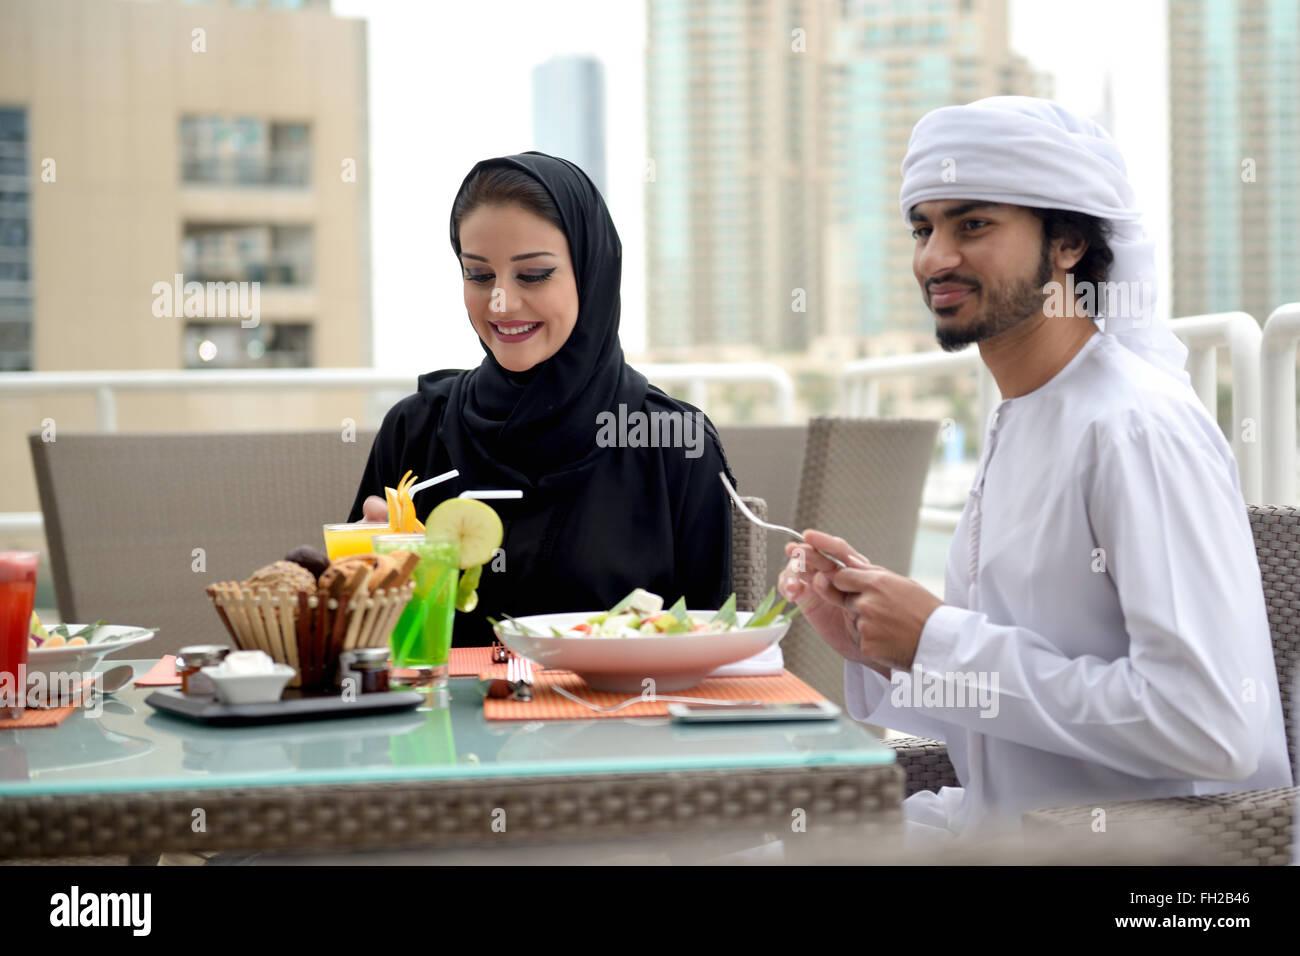 Los Emiratos Árabes comedor pareja joven Imagen De Stock